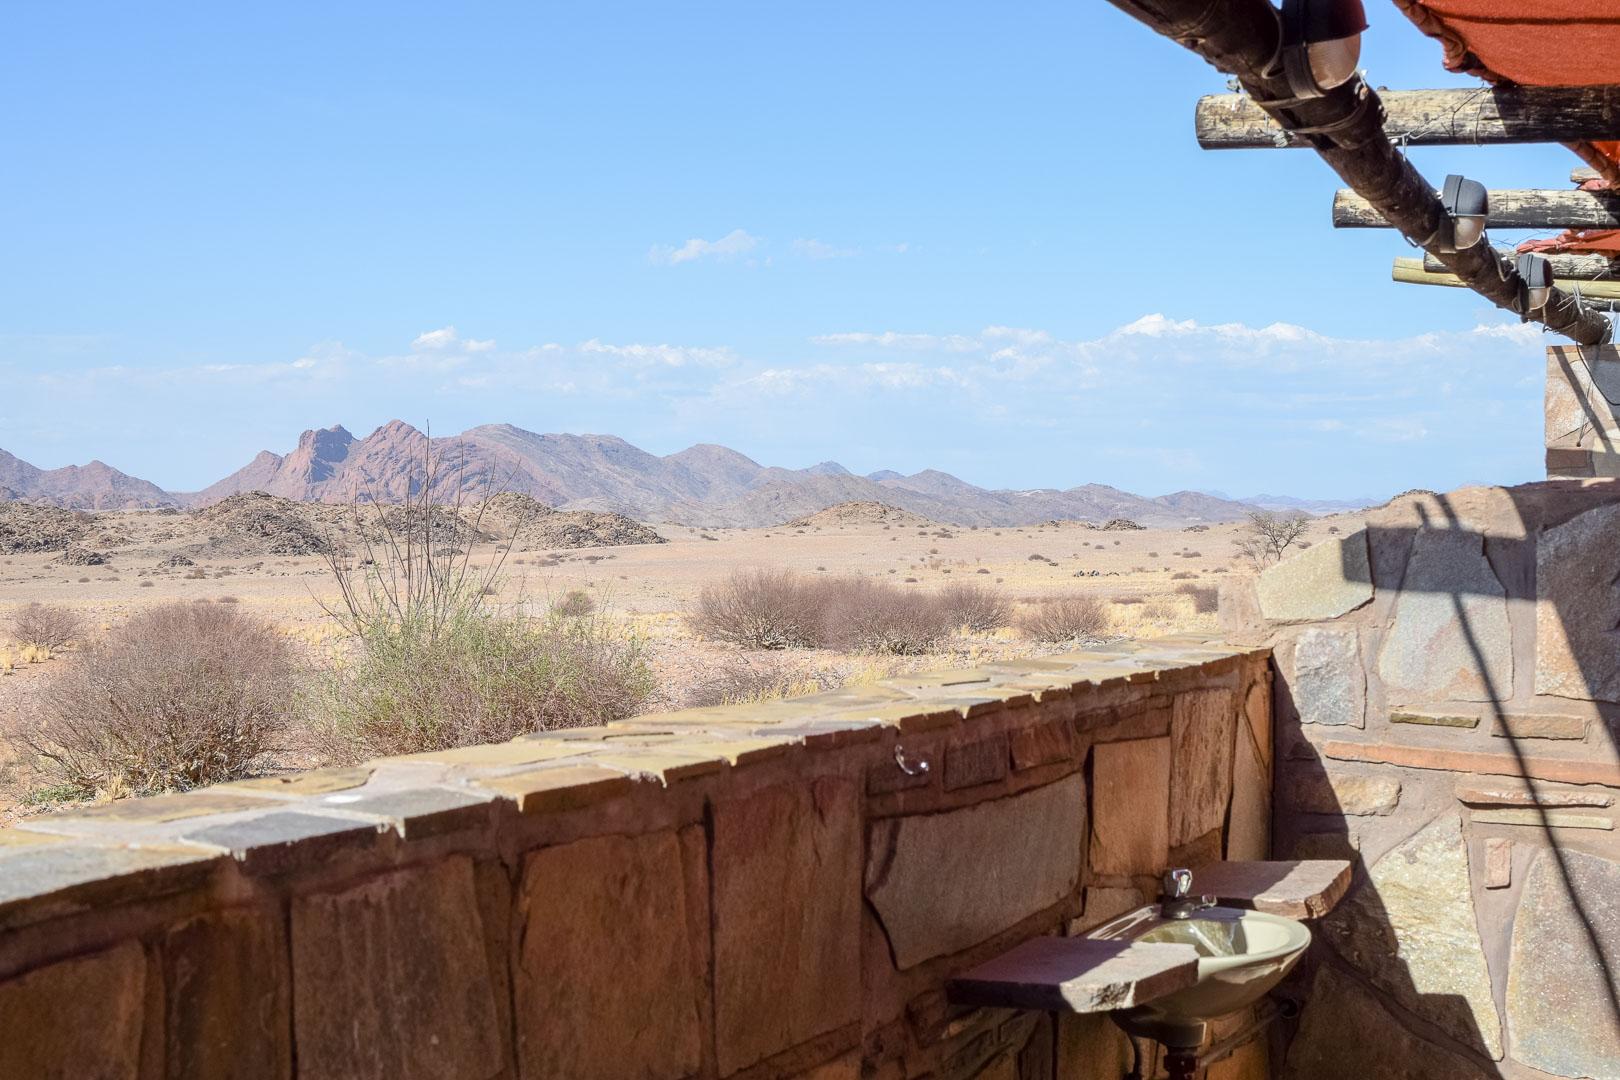 Rostock Ritz Camping Namibia